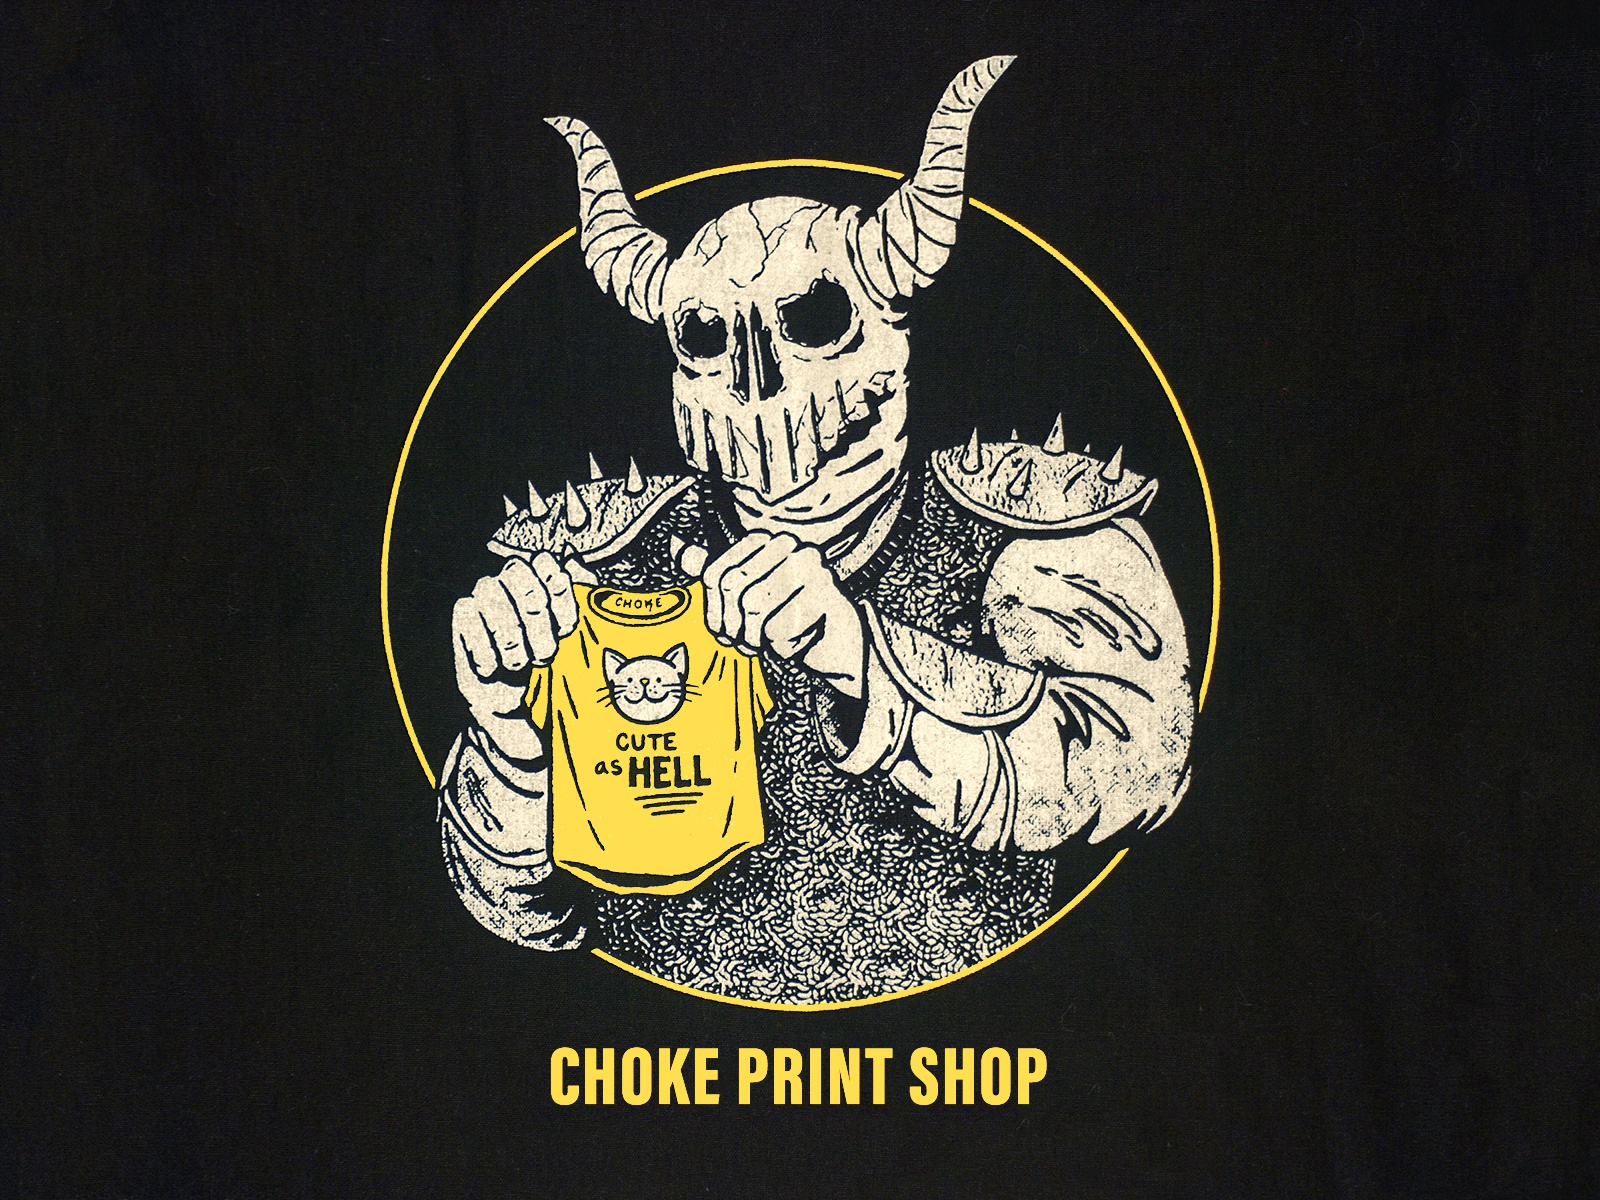 Choke print shop